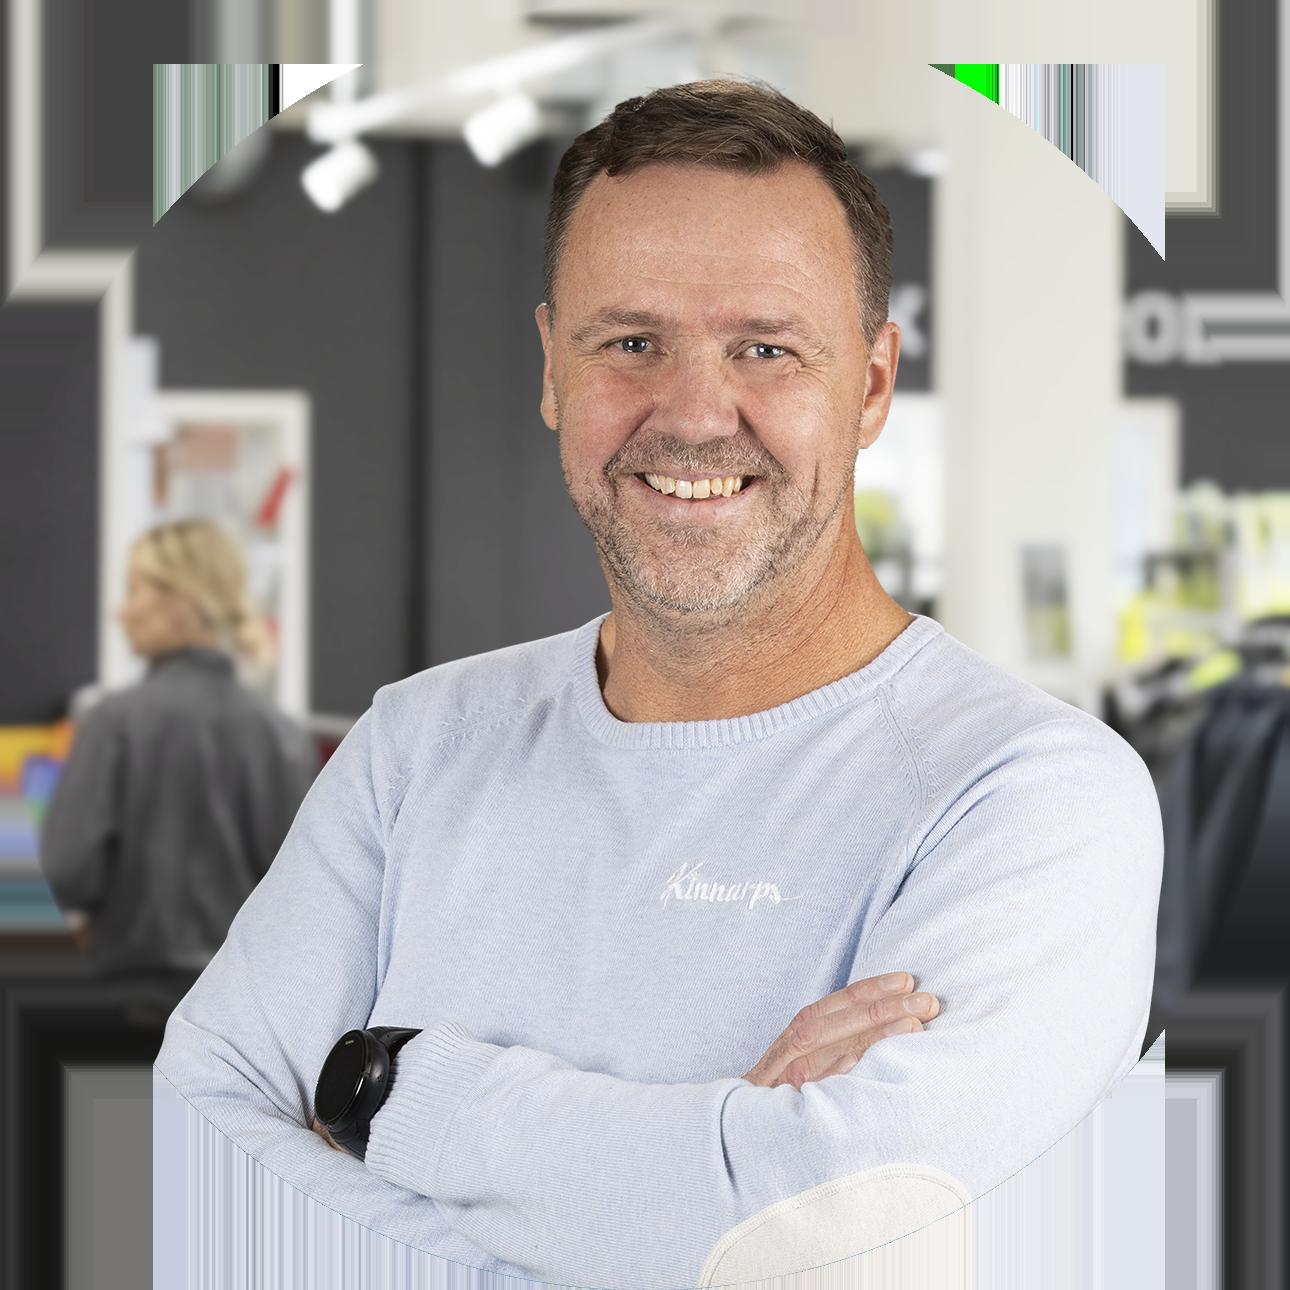 Thomas Jakobsson - Specialist på Kinnarps & ergonomiRing direkt: 0498-65 75 01thomas.jakobsson@kinnarps.se